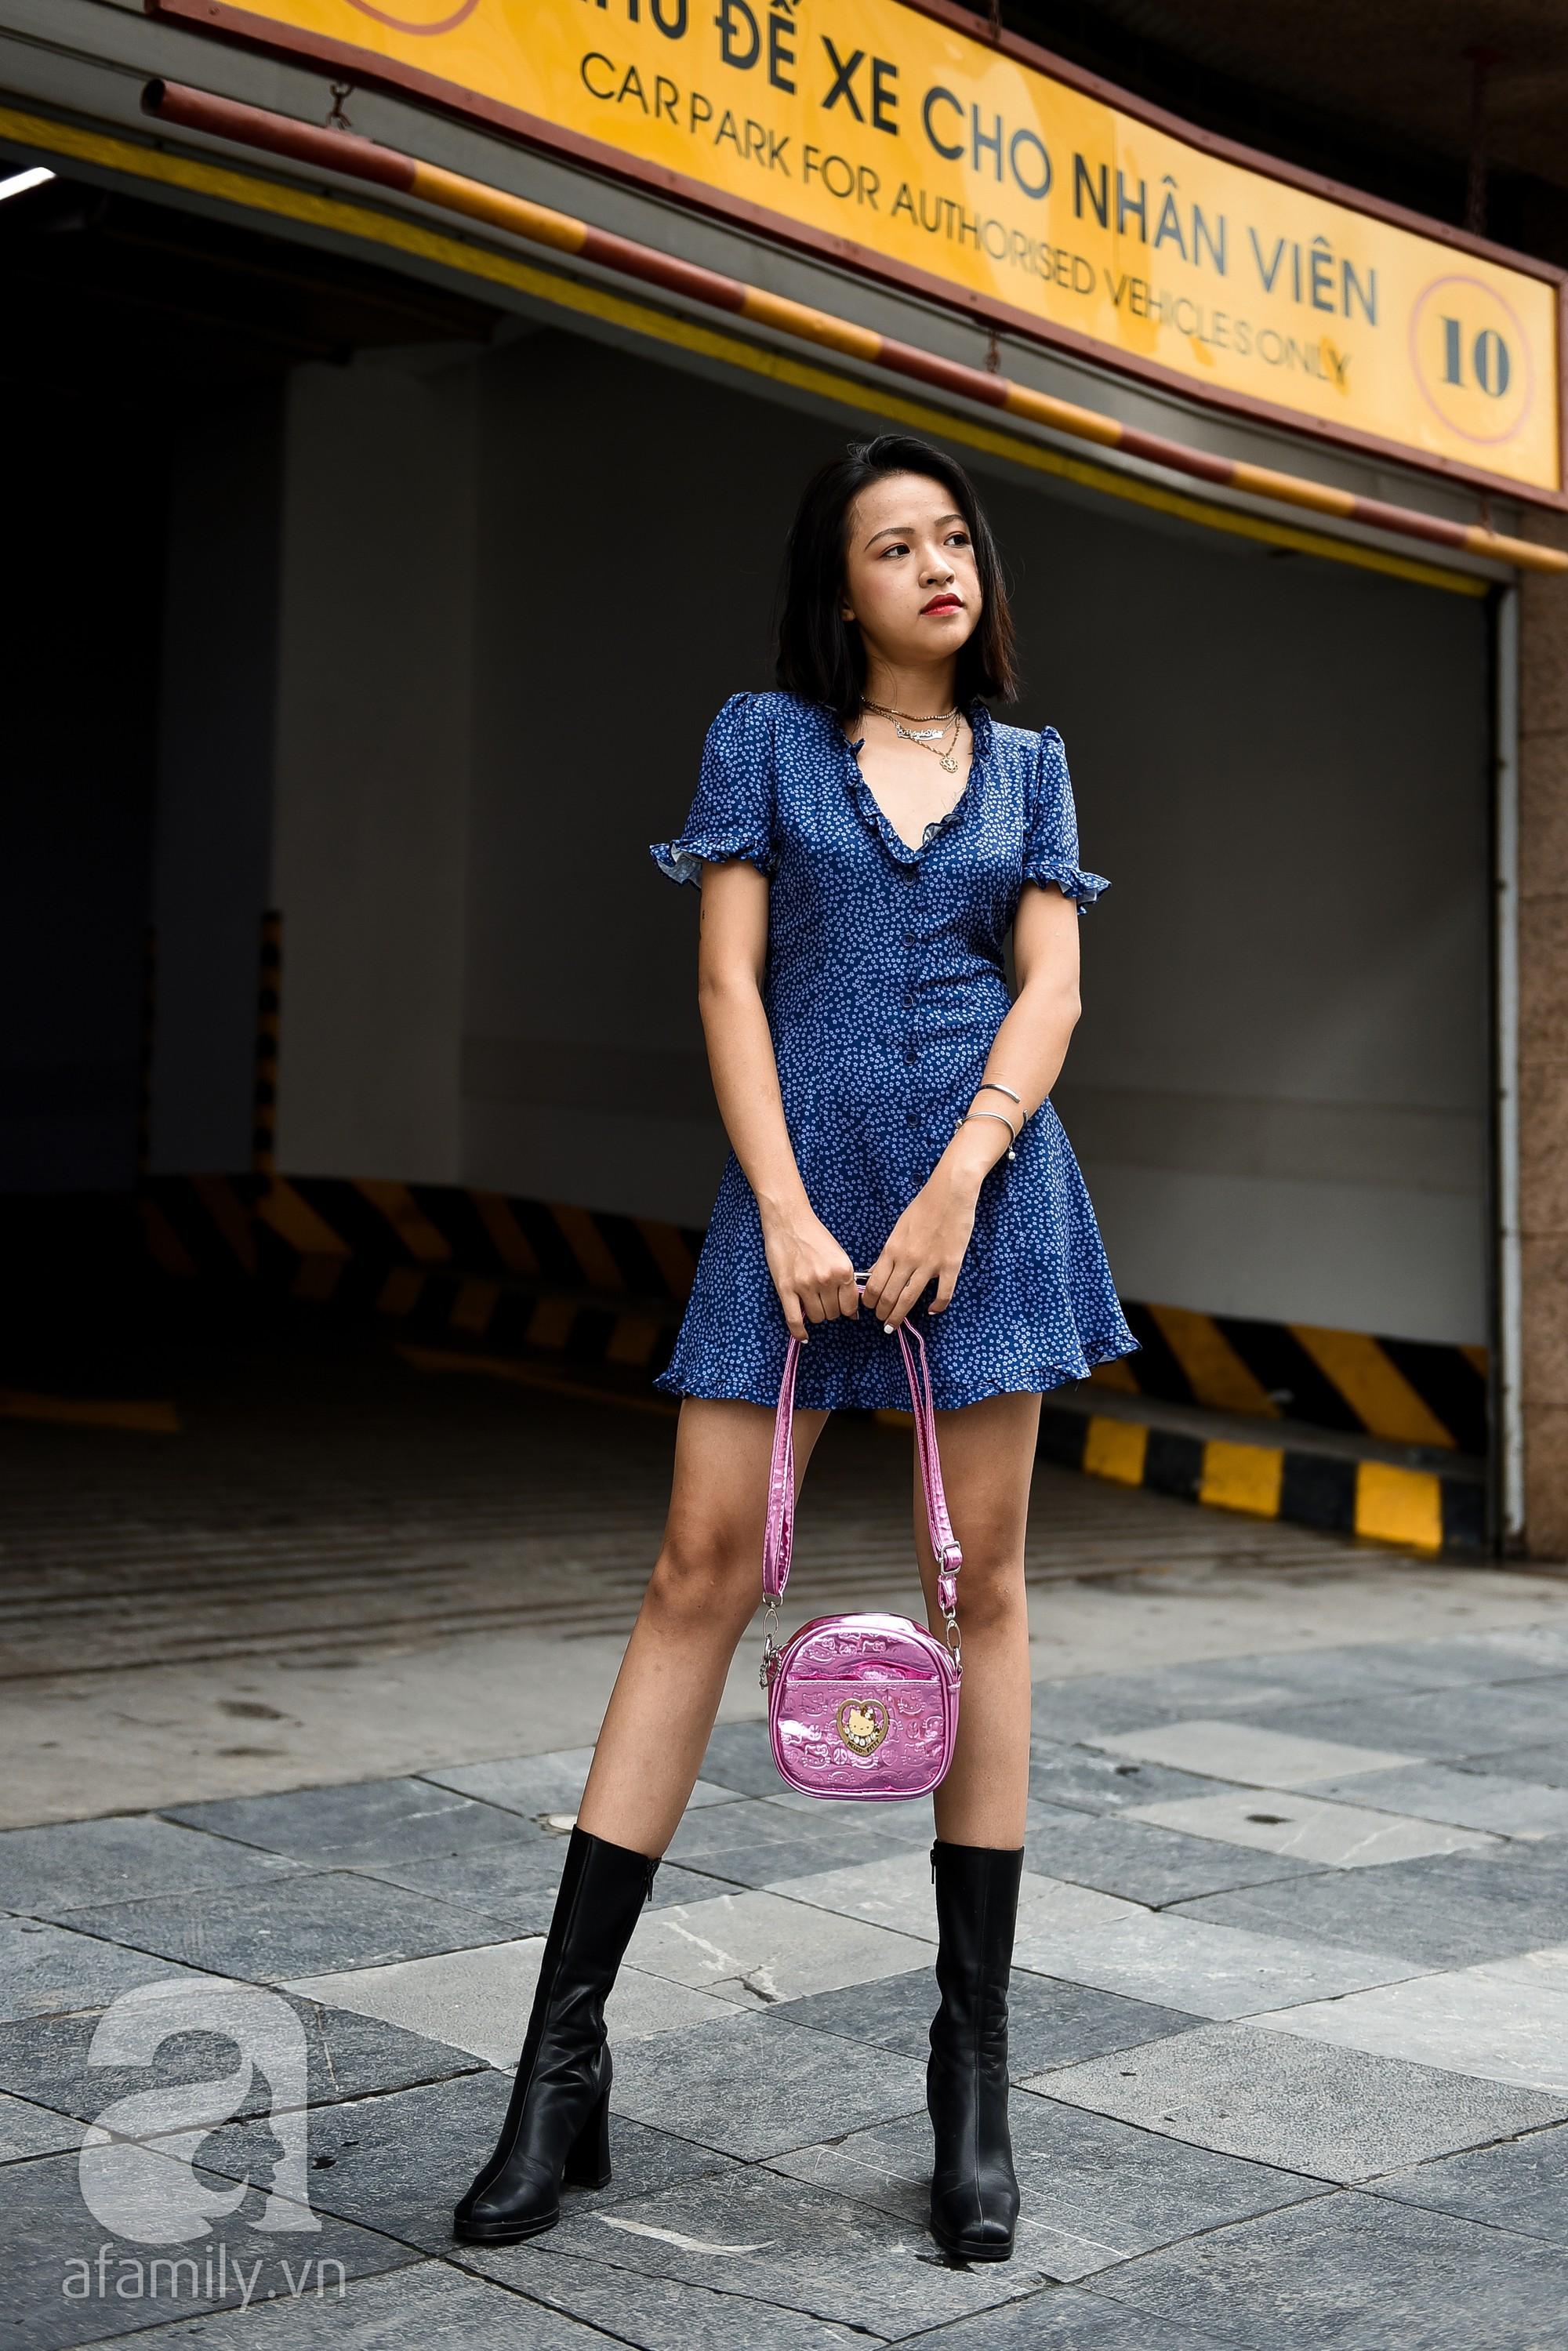 Chẳng phải váy liền hay áo phông, boots chính là món đồ được các quý cô miền Bắc ưu ái trong tuần này